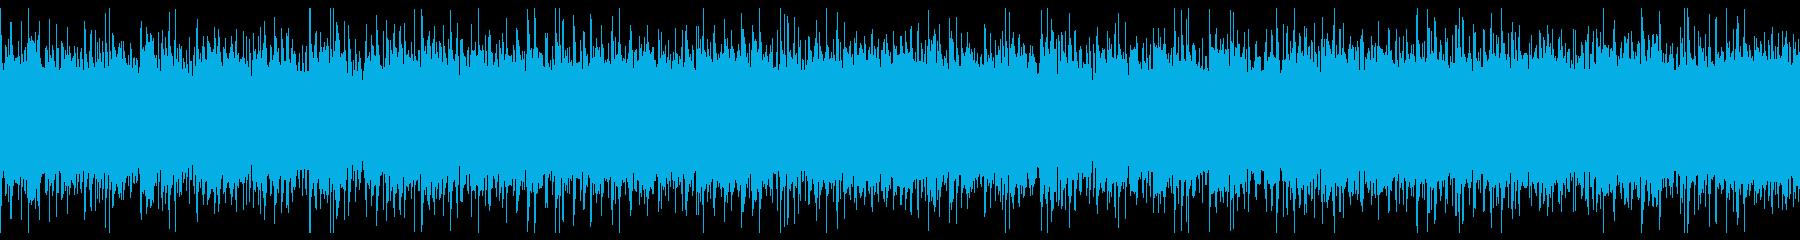 ピアノとバイオリンのさわやかロックの再生済みの波形